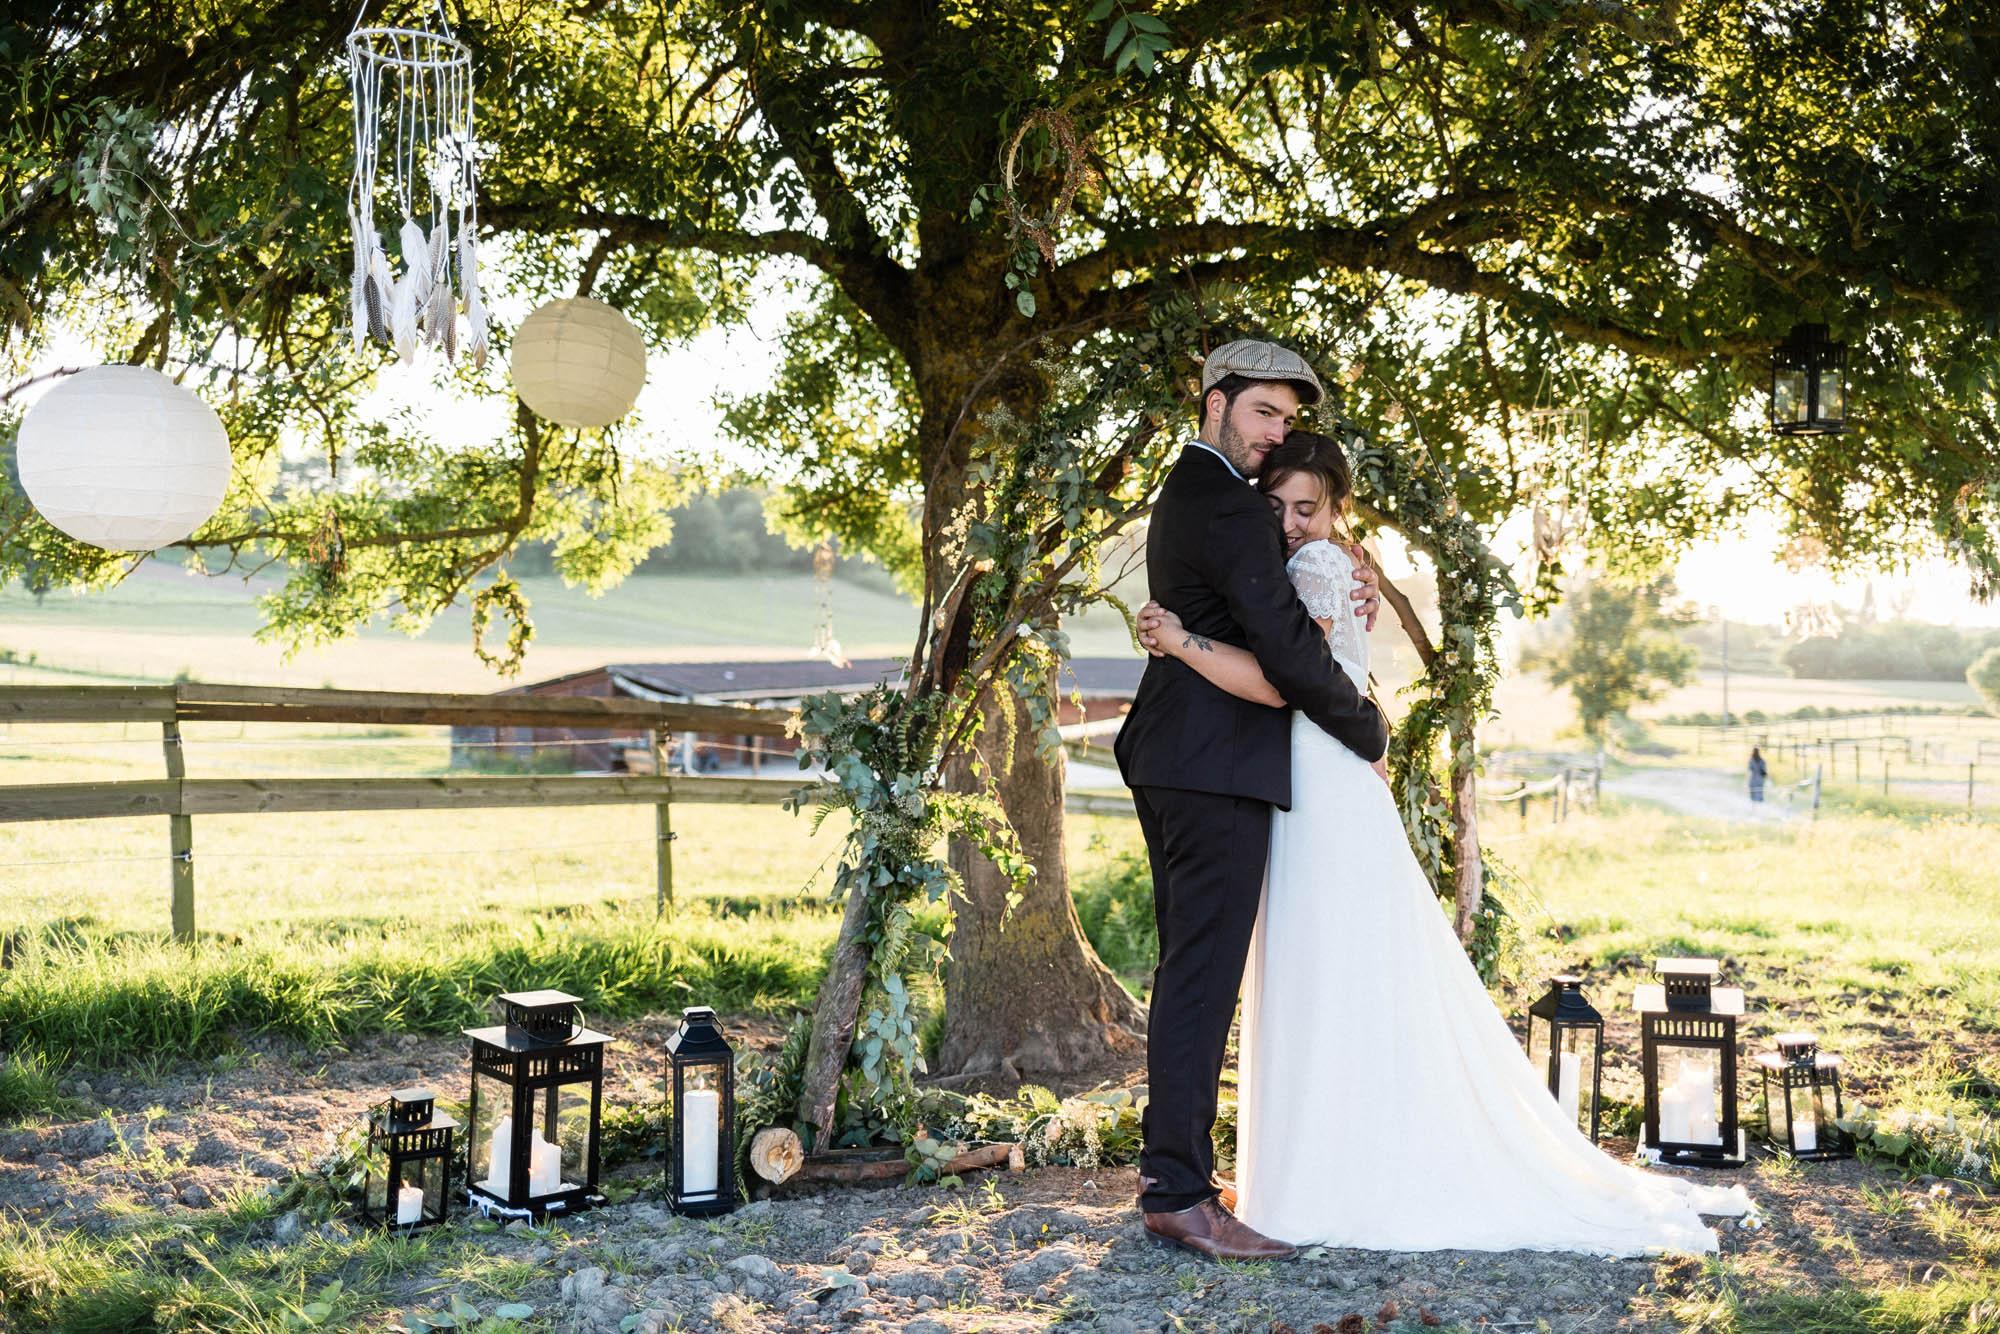 nicolas ravinaud photographe mariage prestataires mariage préparation mariage organisation mariage